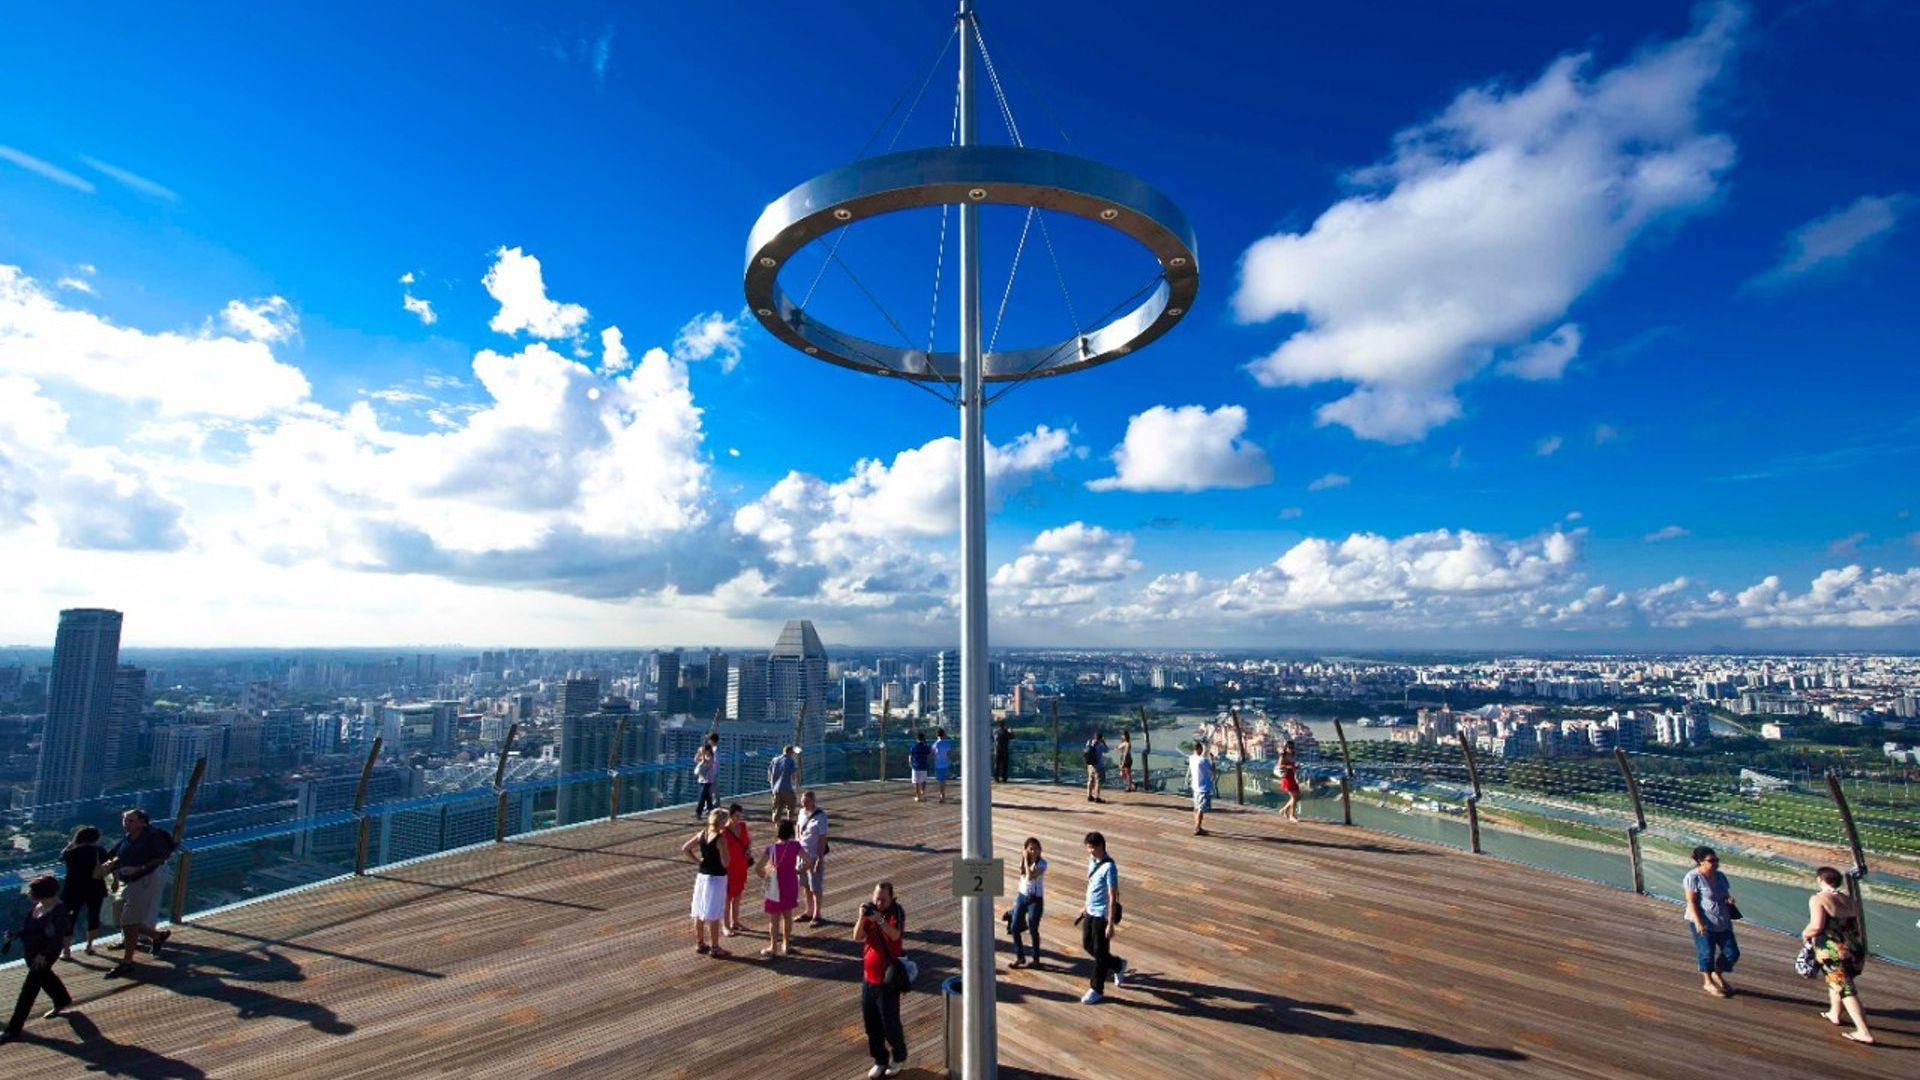 Sands SkyPark Observation Deck